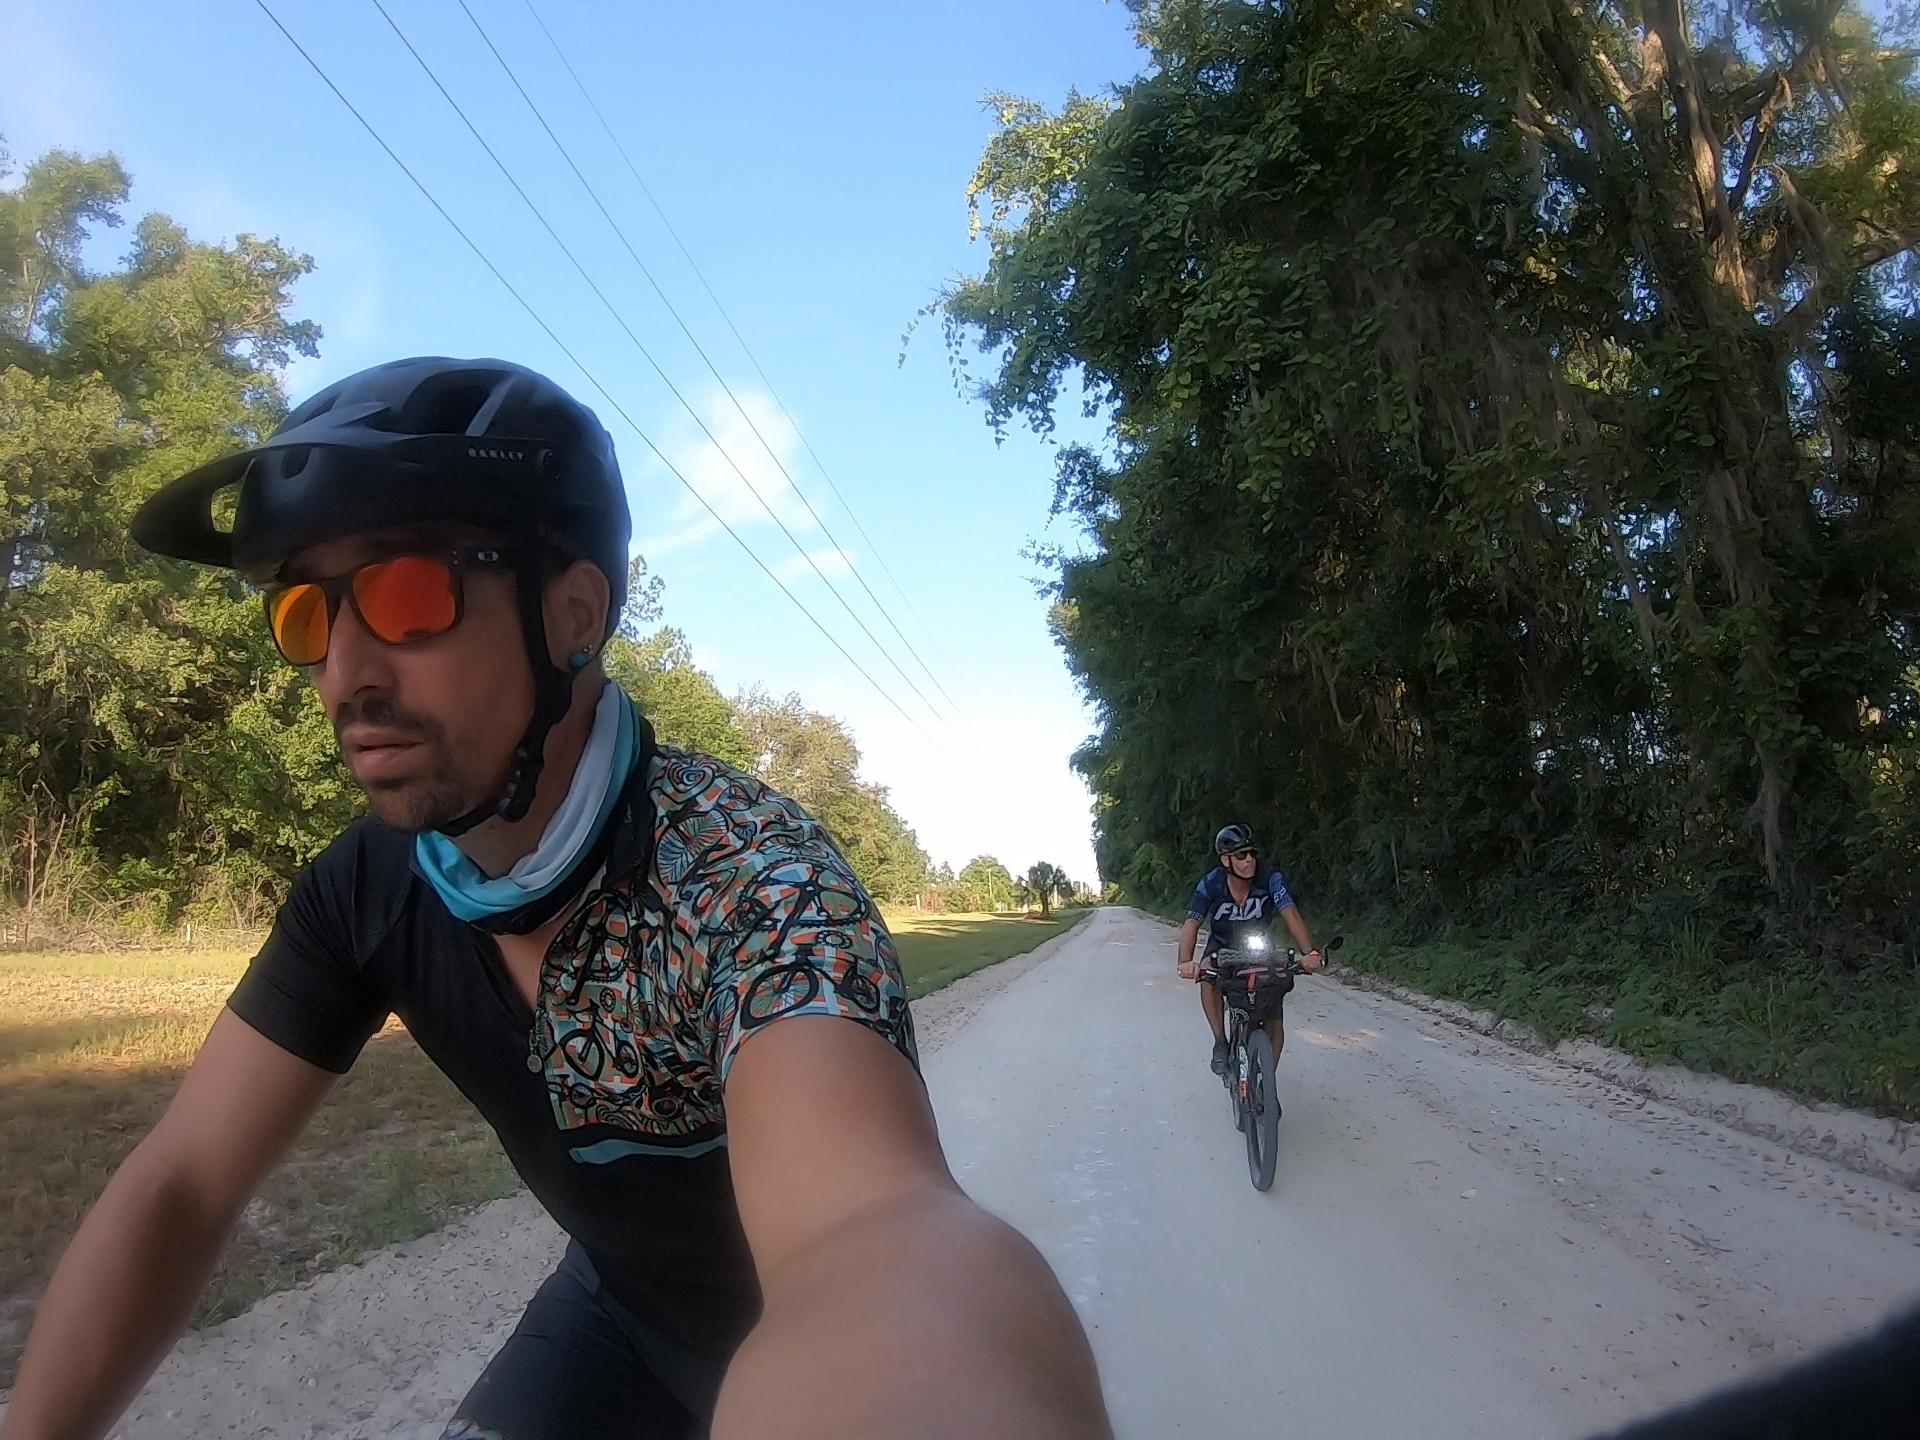 riders of the loop